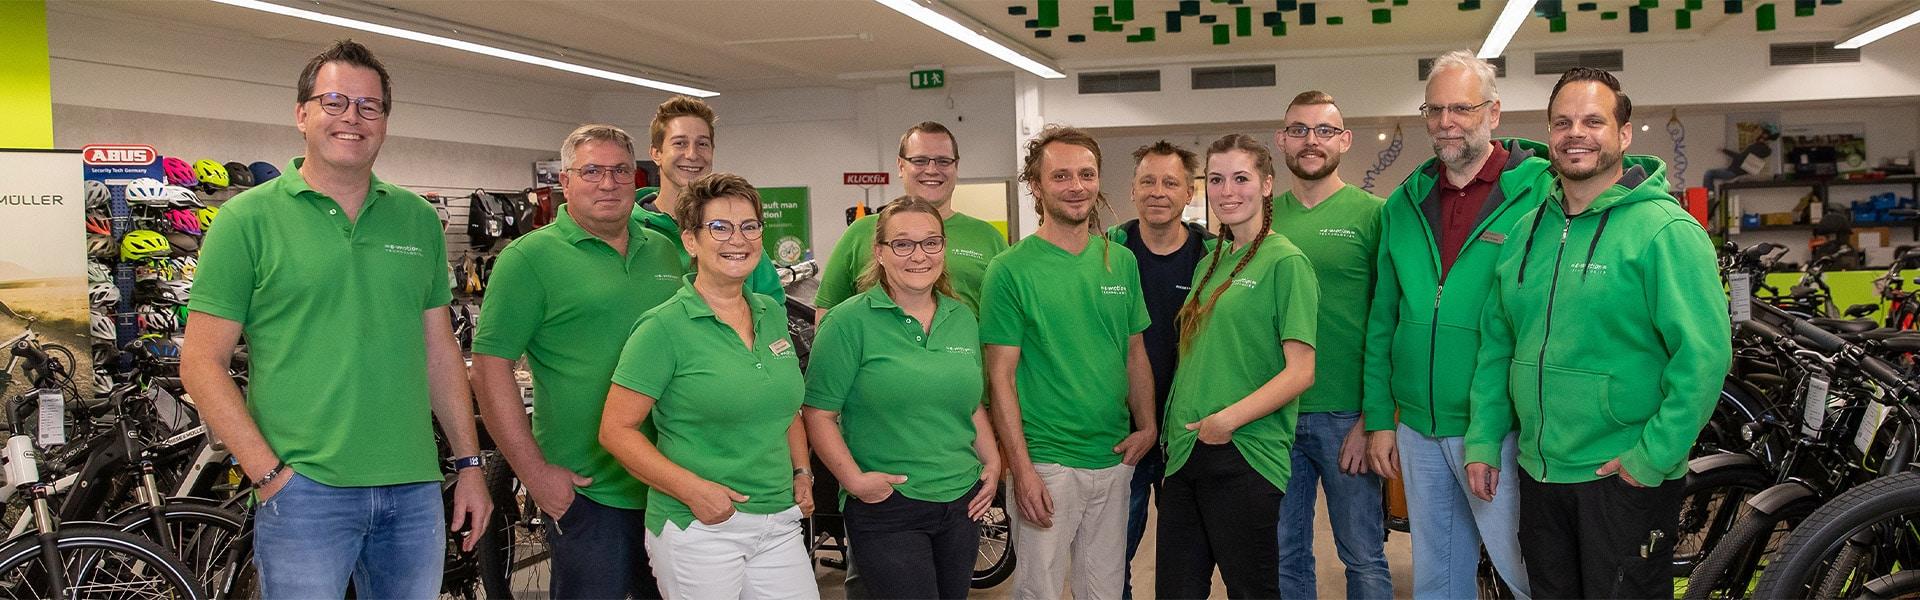 Das Team der e-motion e-Bike Welt Münster